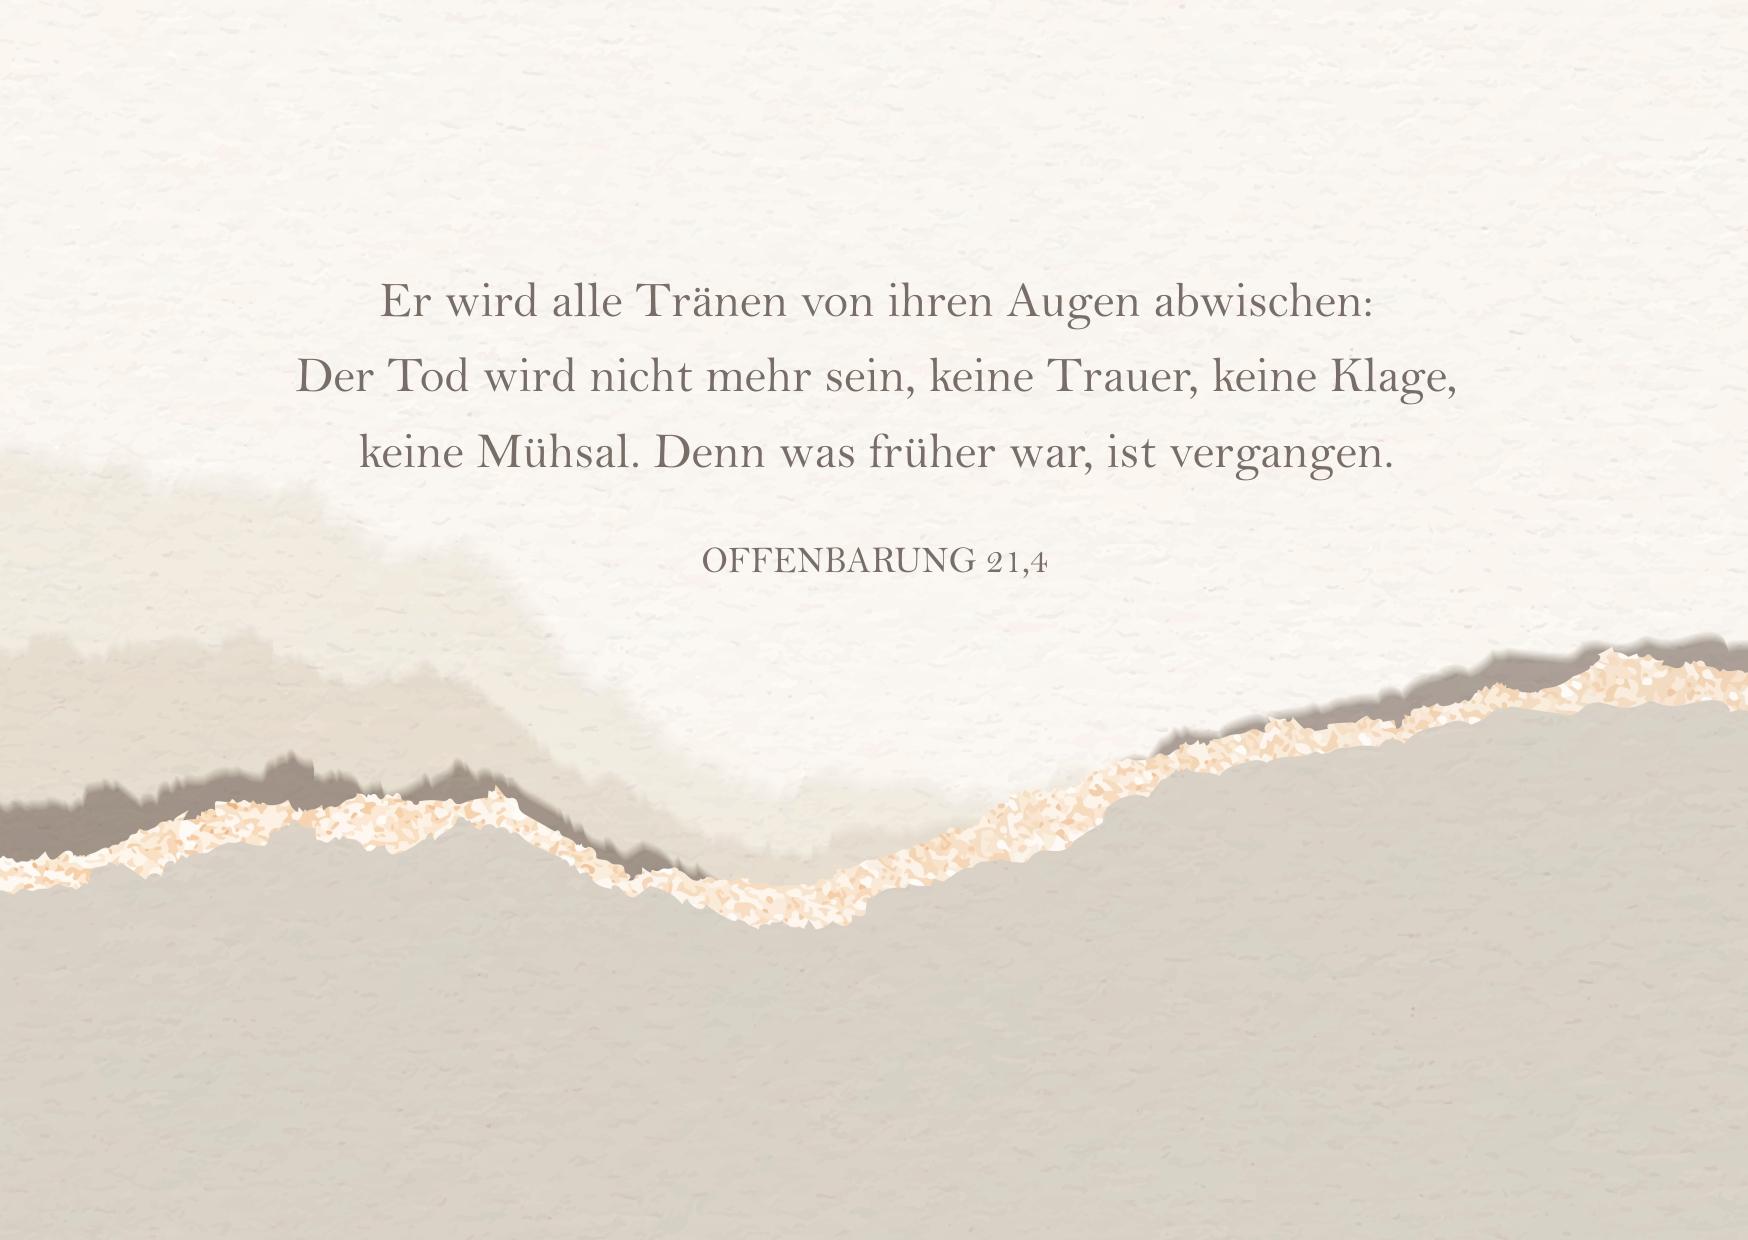 Digitale Trauerkarte oder Beileidskarte mit Trauerspruch zum Versenden auf WhatsApp, Facebook & Co - Vorlage oder Beispiel für einen Trauerspruch für die Trauerkarte